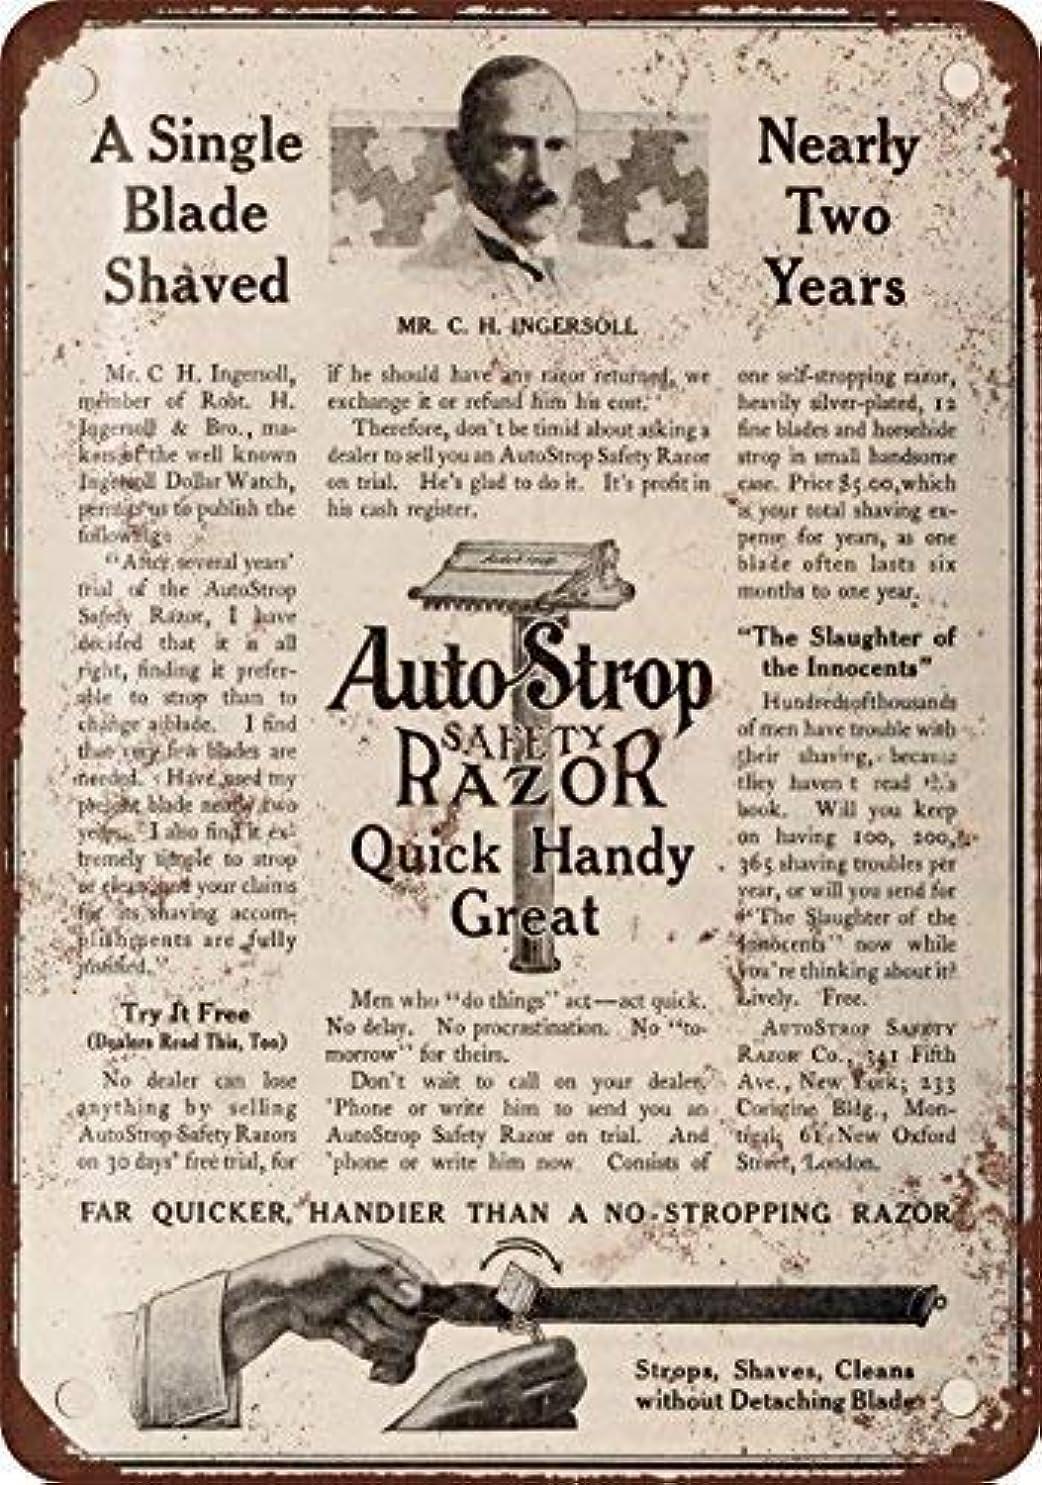 無視できる強打ローズShimaier 壁の装飾 ブリキ 看板メタルサイン 1910 AutoStrop Safety Razor ウォールアート バー カフェ 30×40cm ヴィンテージ風 メタルプレート